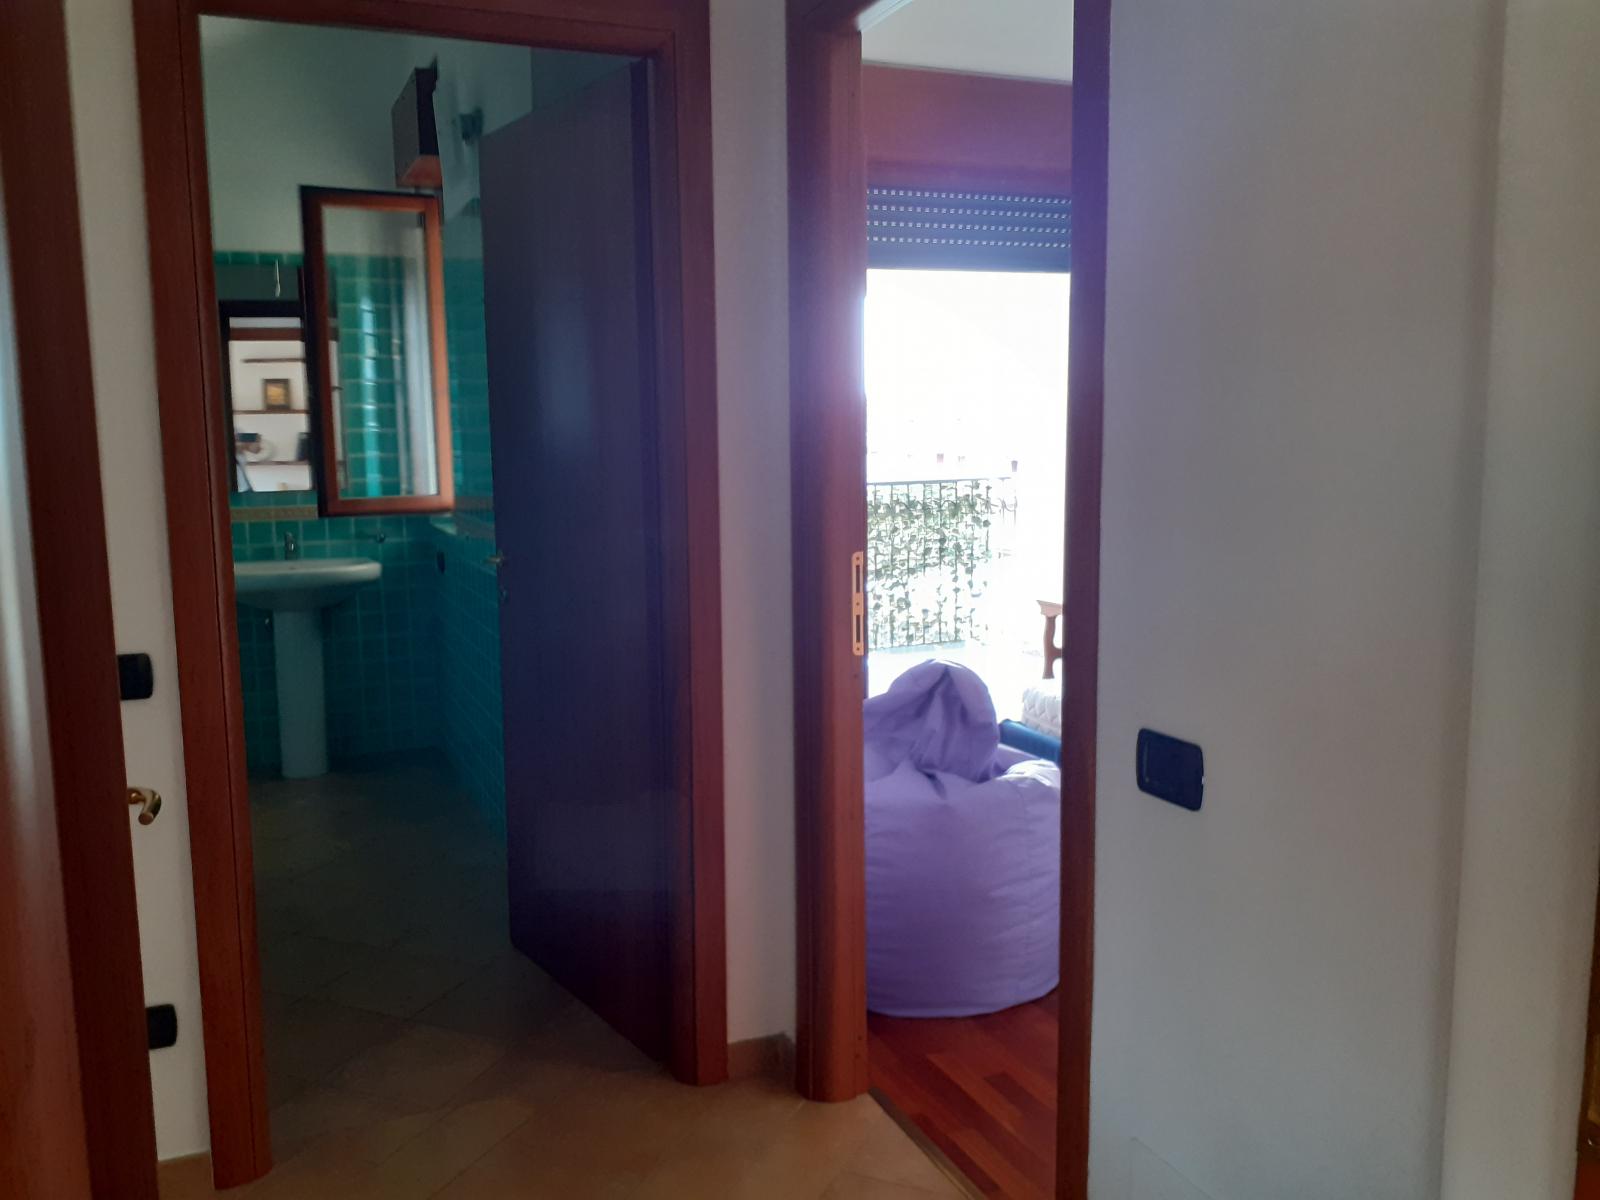 appartamento-in-vendita-bareggio-2-locali-bilocale-spaziourbano-immobiliare-vende-9